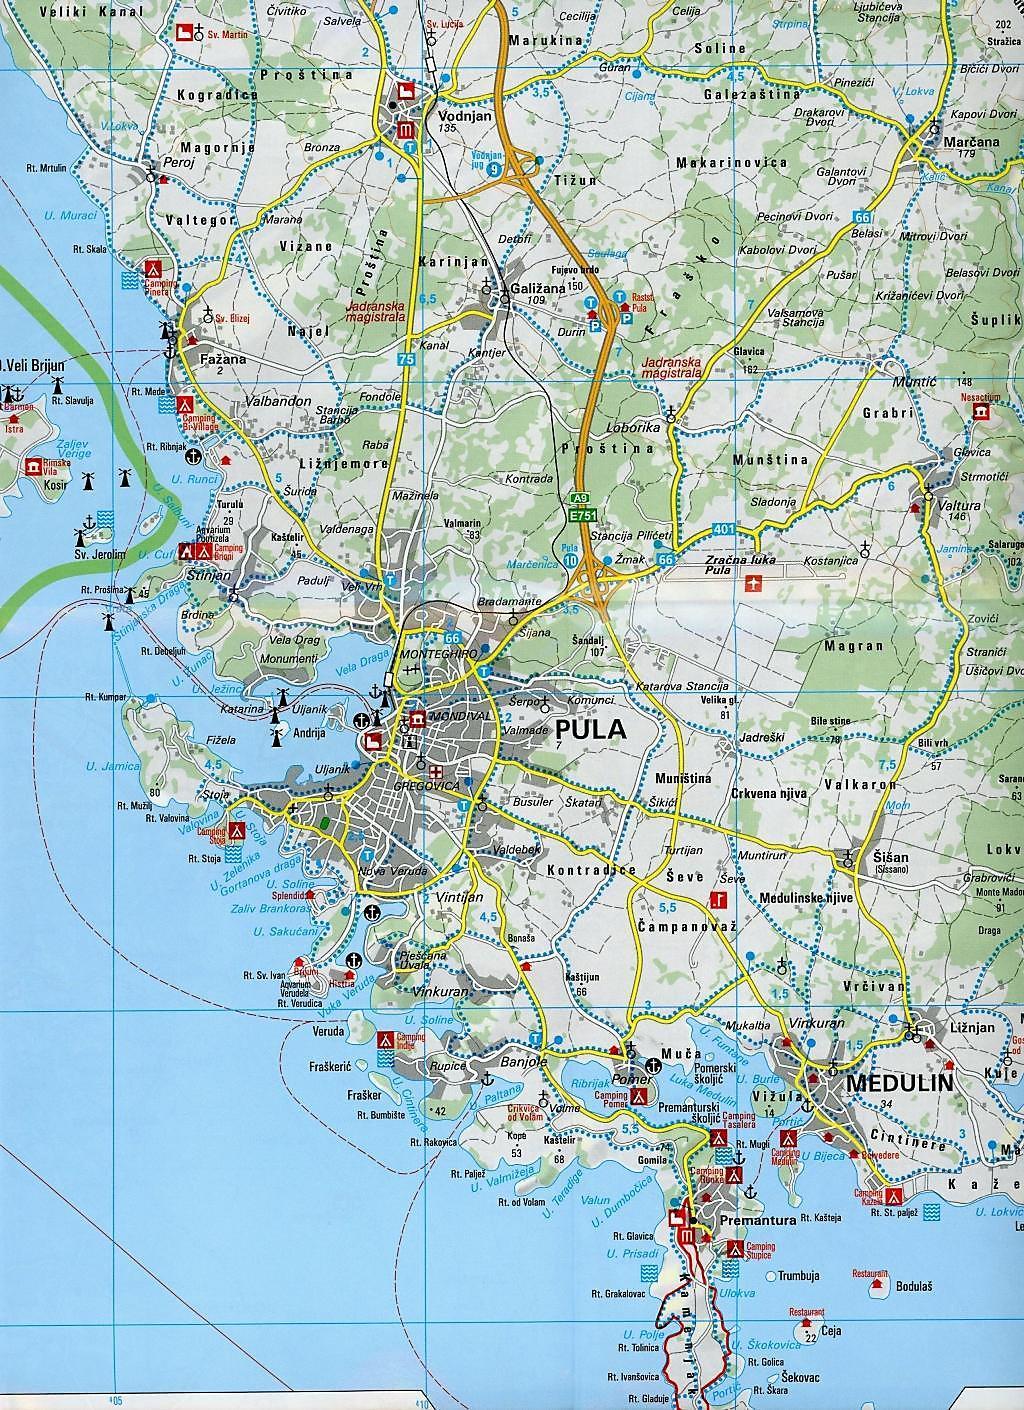 Kroatien Karte Istrien.Kümmerly Frey Outdoorkarte Kroatien Istrien Buch Weltbild De